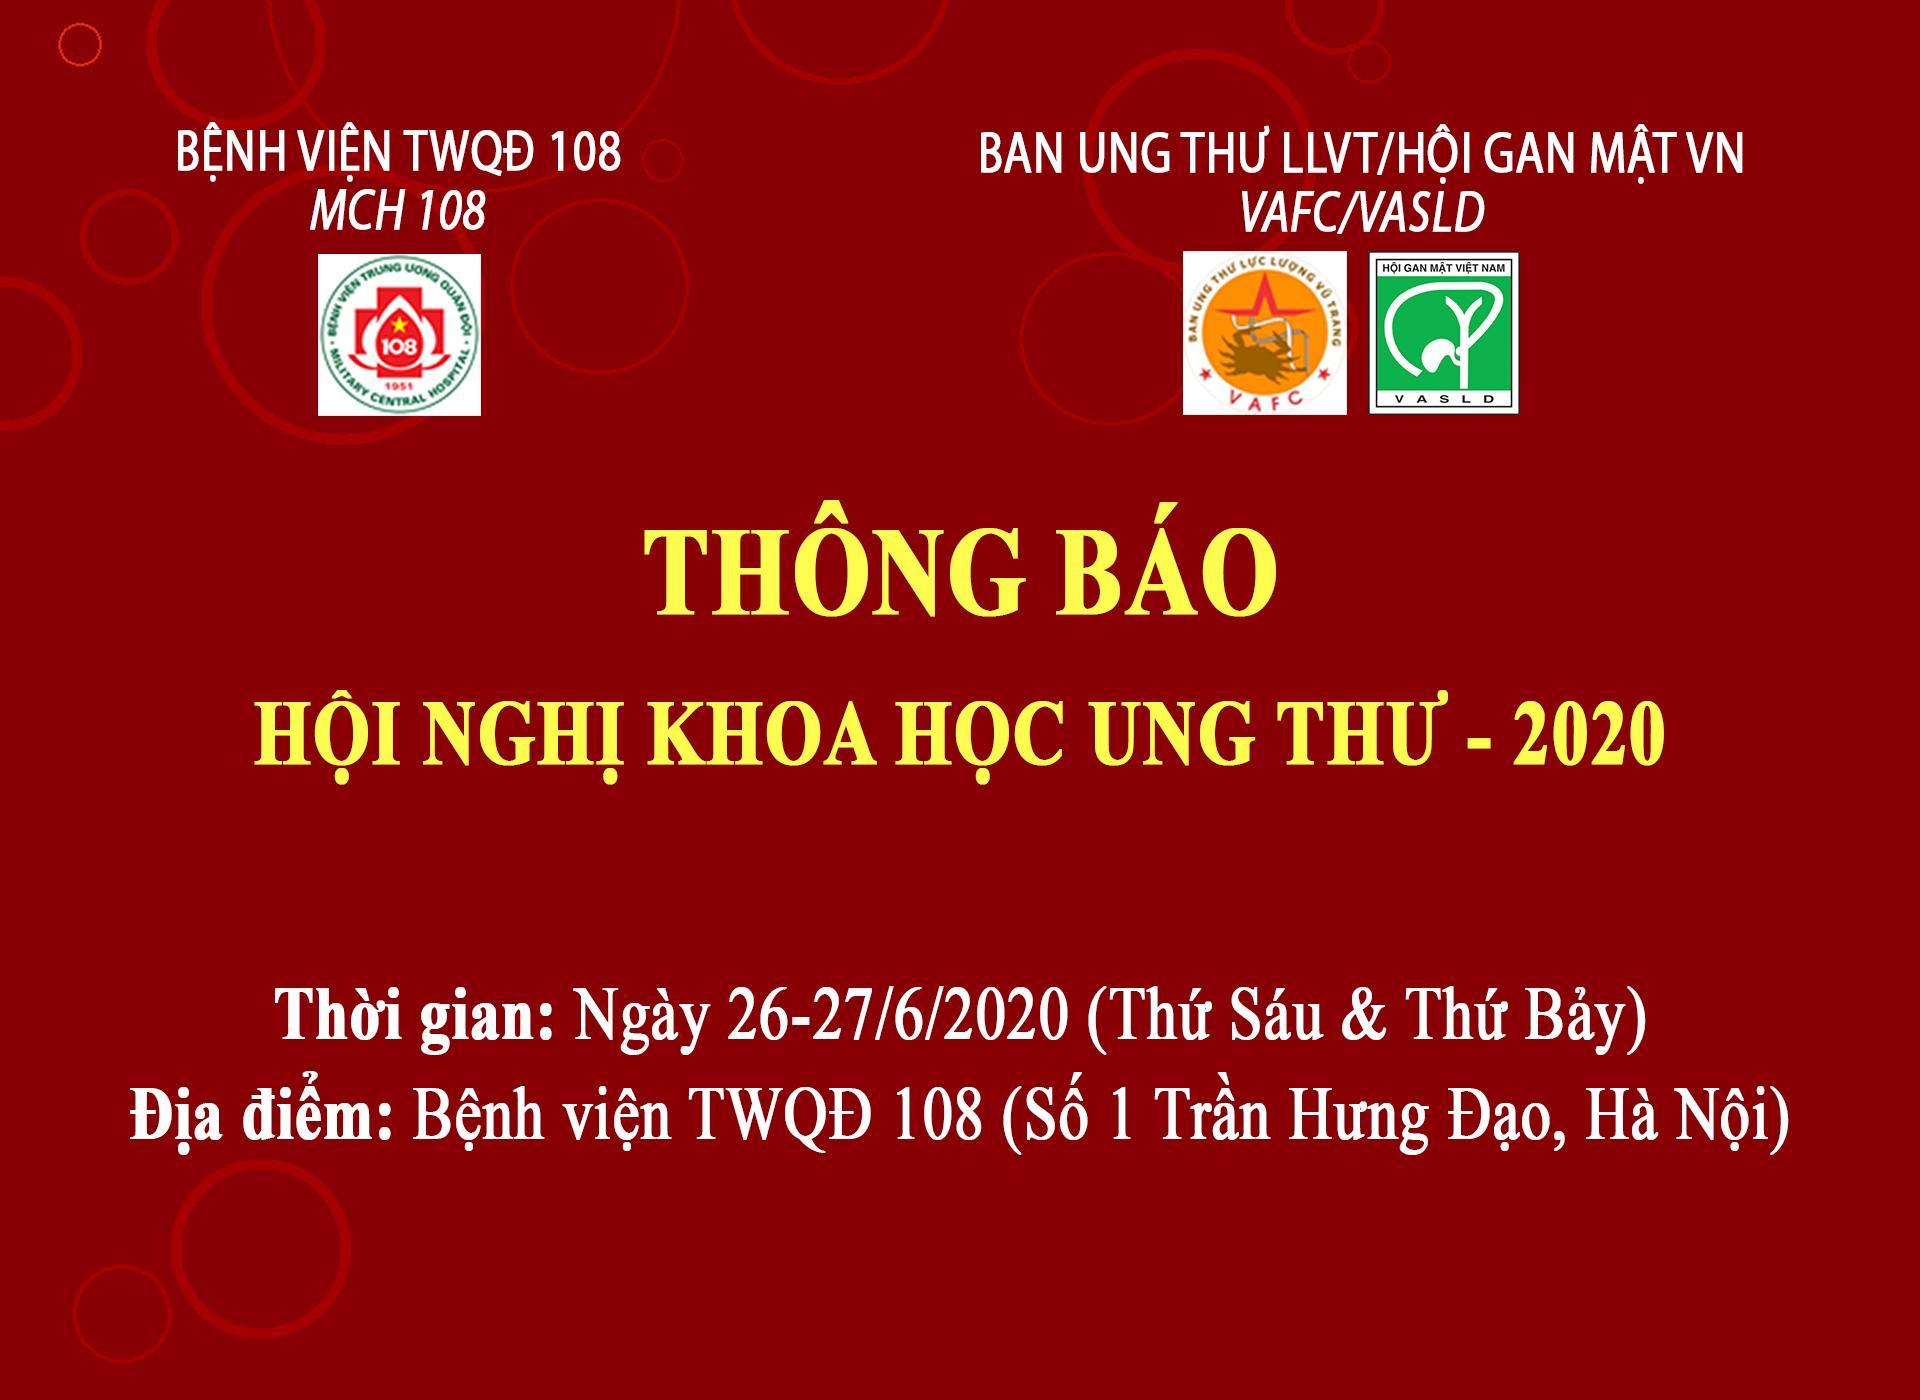 THÔNG BÁO HỘI NGHỊ KHOA HỌC UNG THƯ - 2020